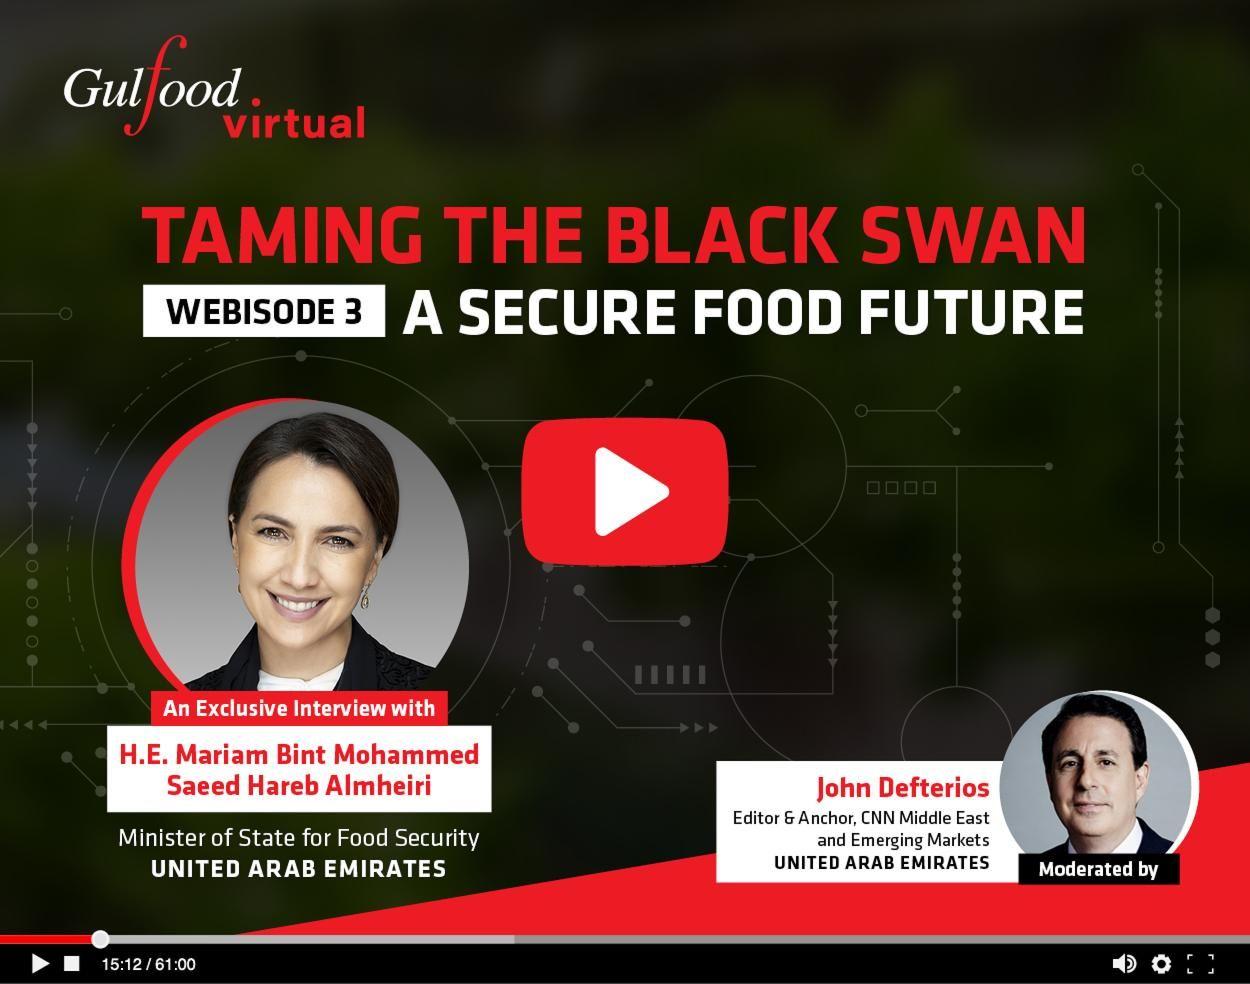 A Secure Food Future